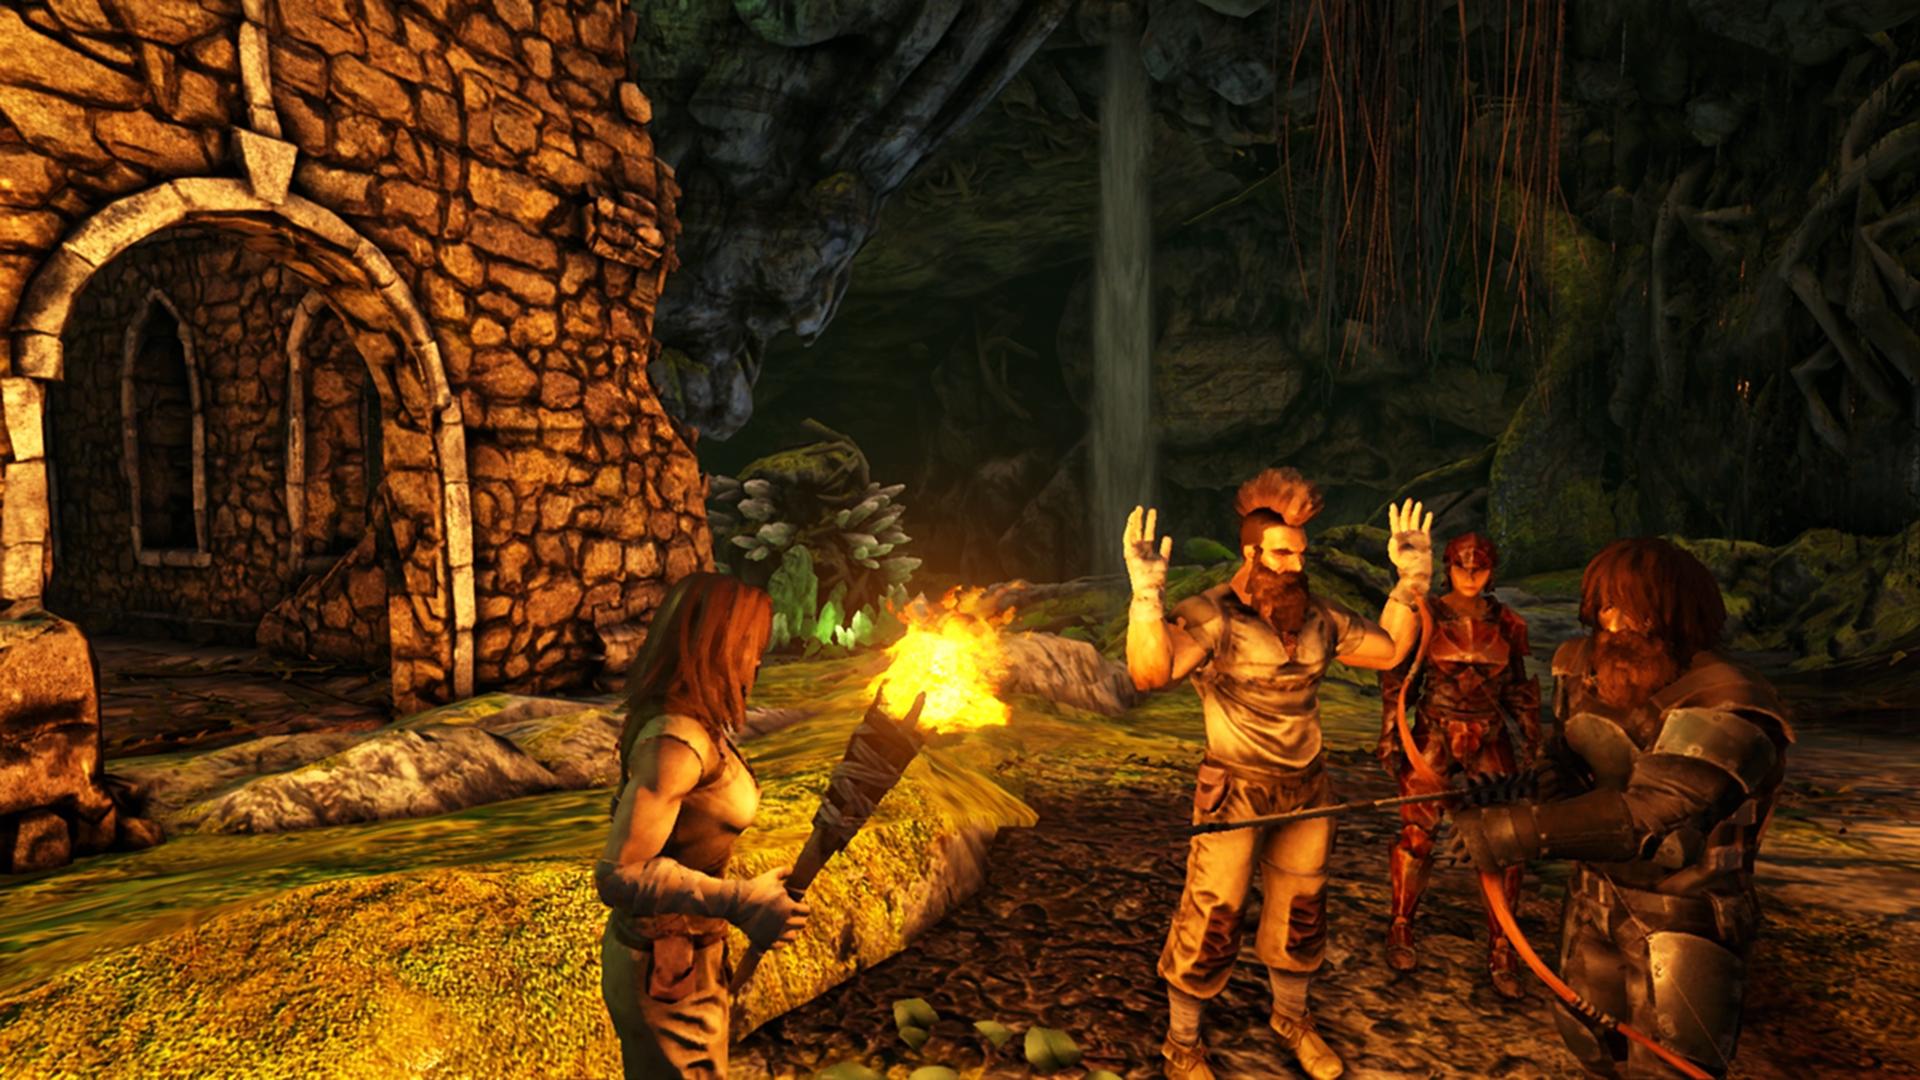 عنوان Ark: Survival Evolved امروز برای Switch عرضه شد + تریلر زمان عرضه بازی